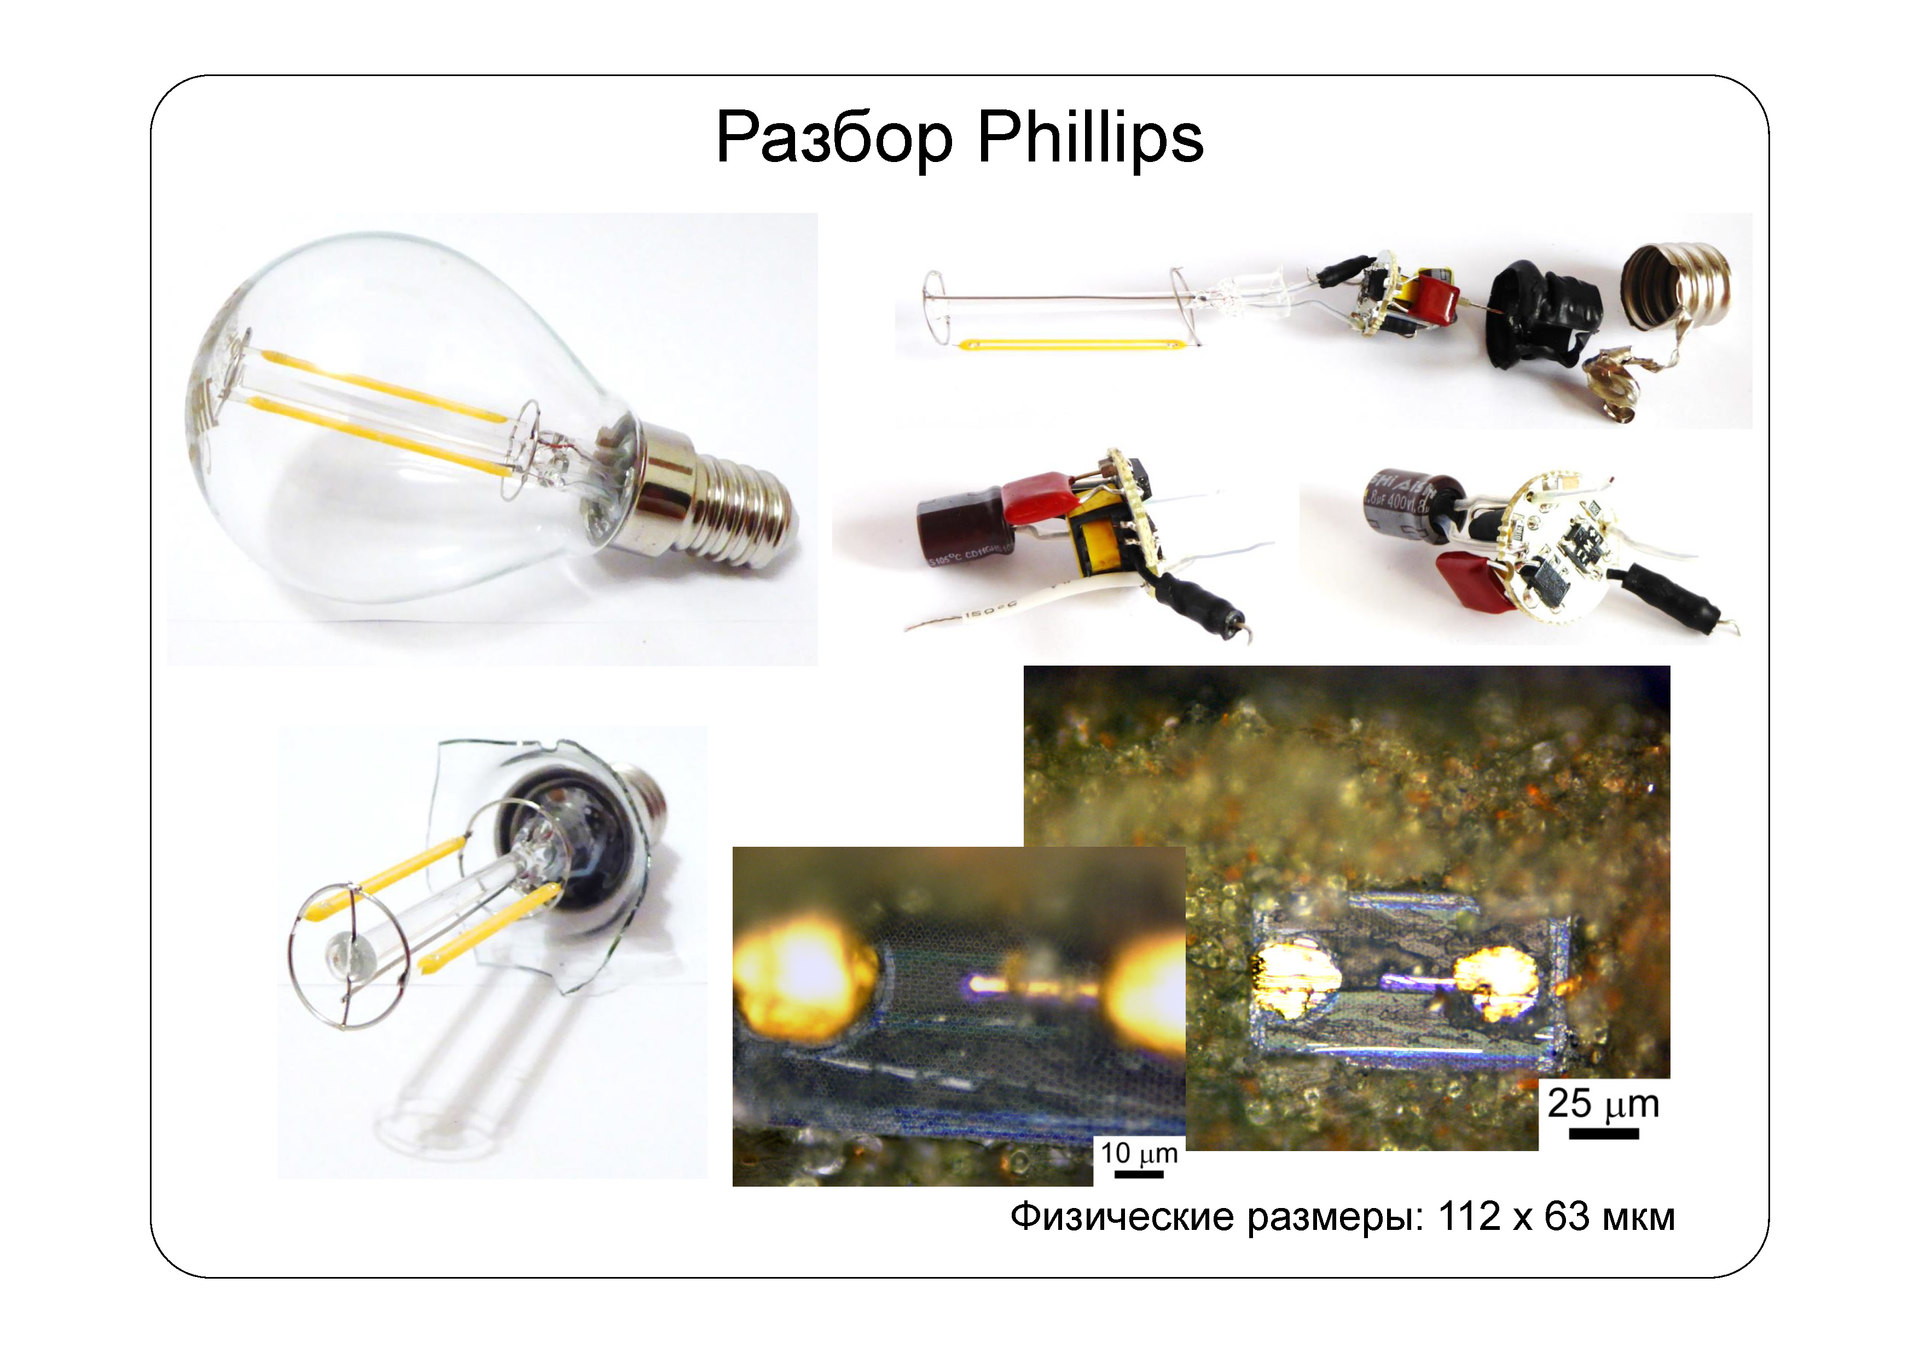 Взгляд изнутри: а так ли хороши Filament-лампы? - 11